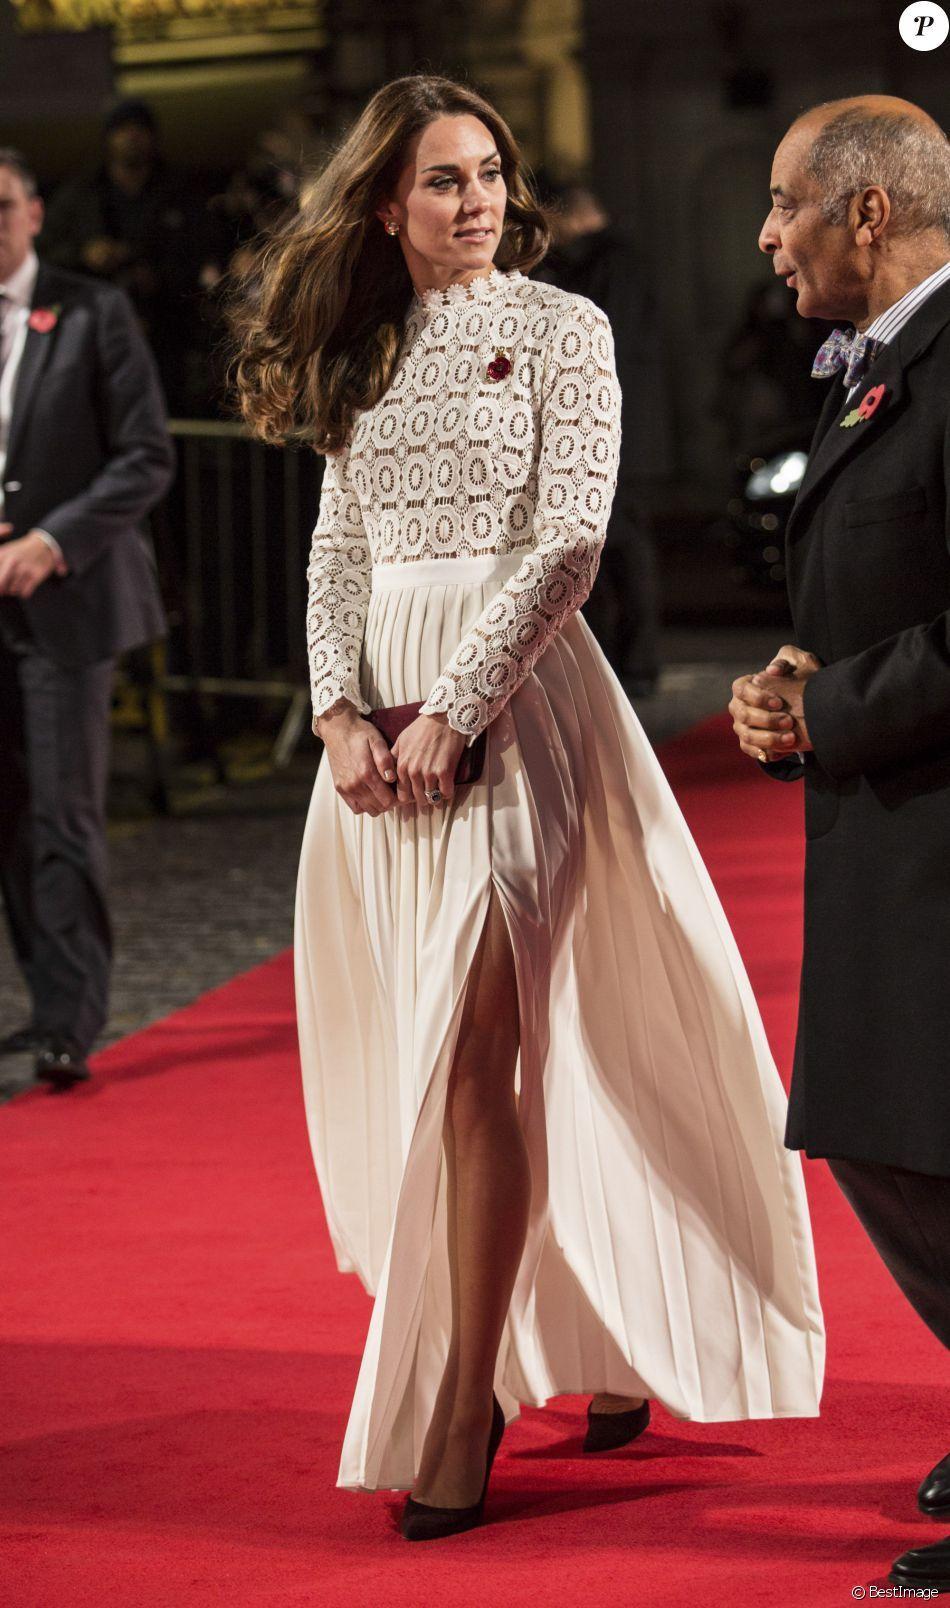 Épinglé sur Kate Middleton